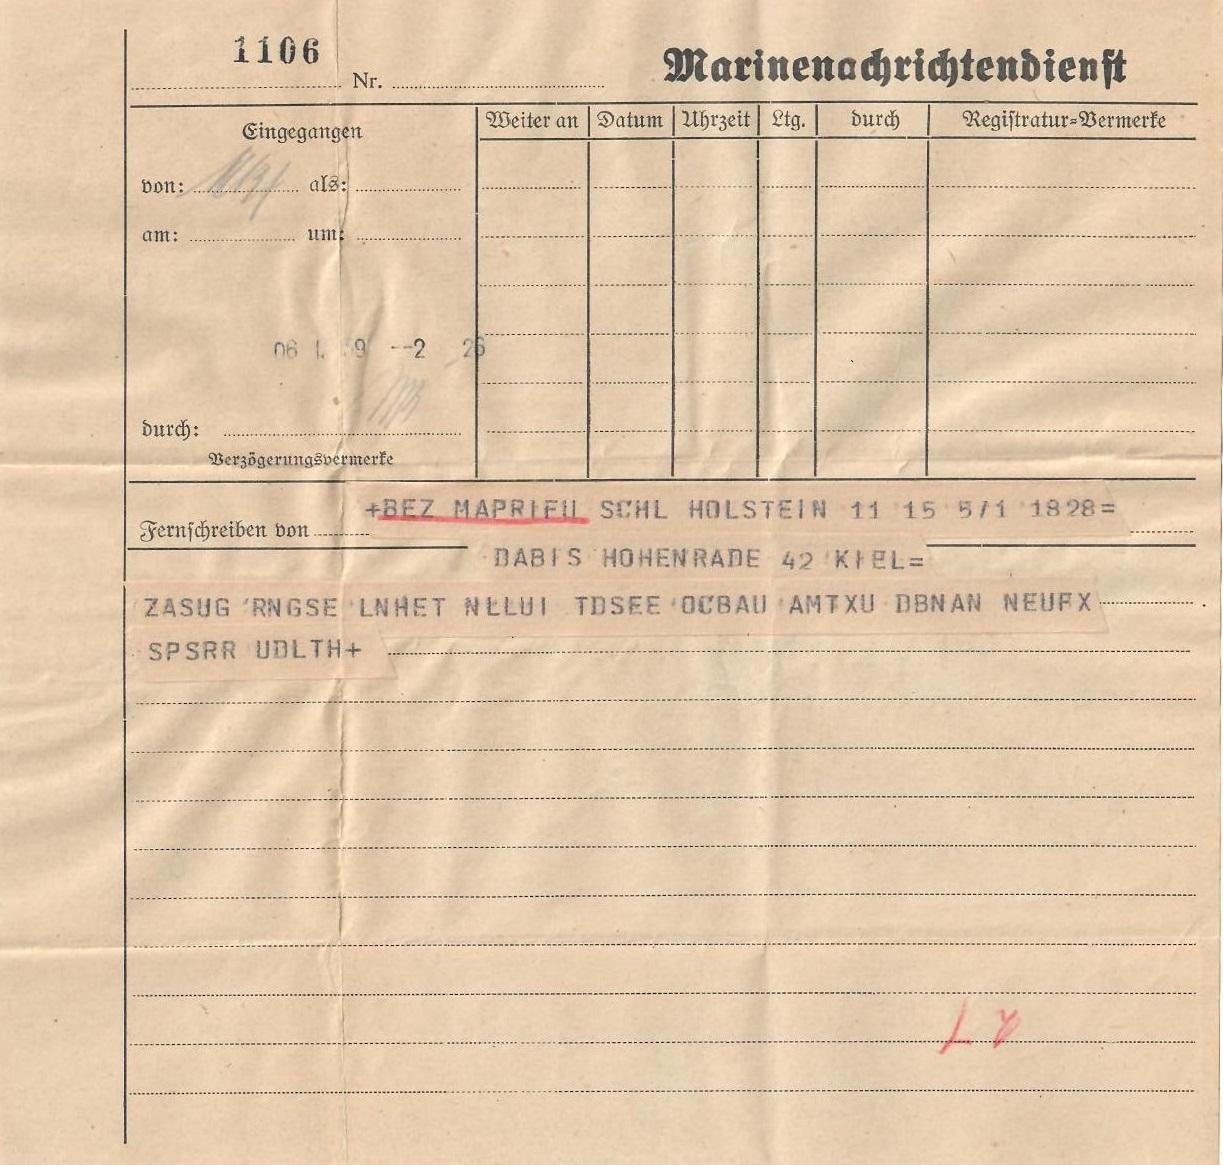 Schleswig-Holstein-Cryptogram